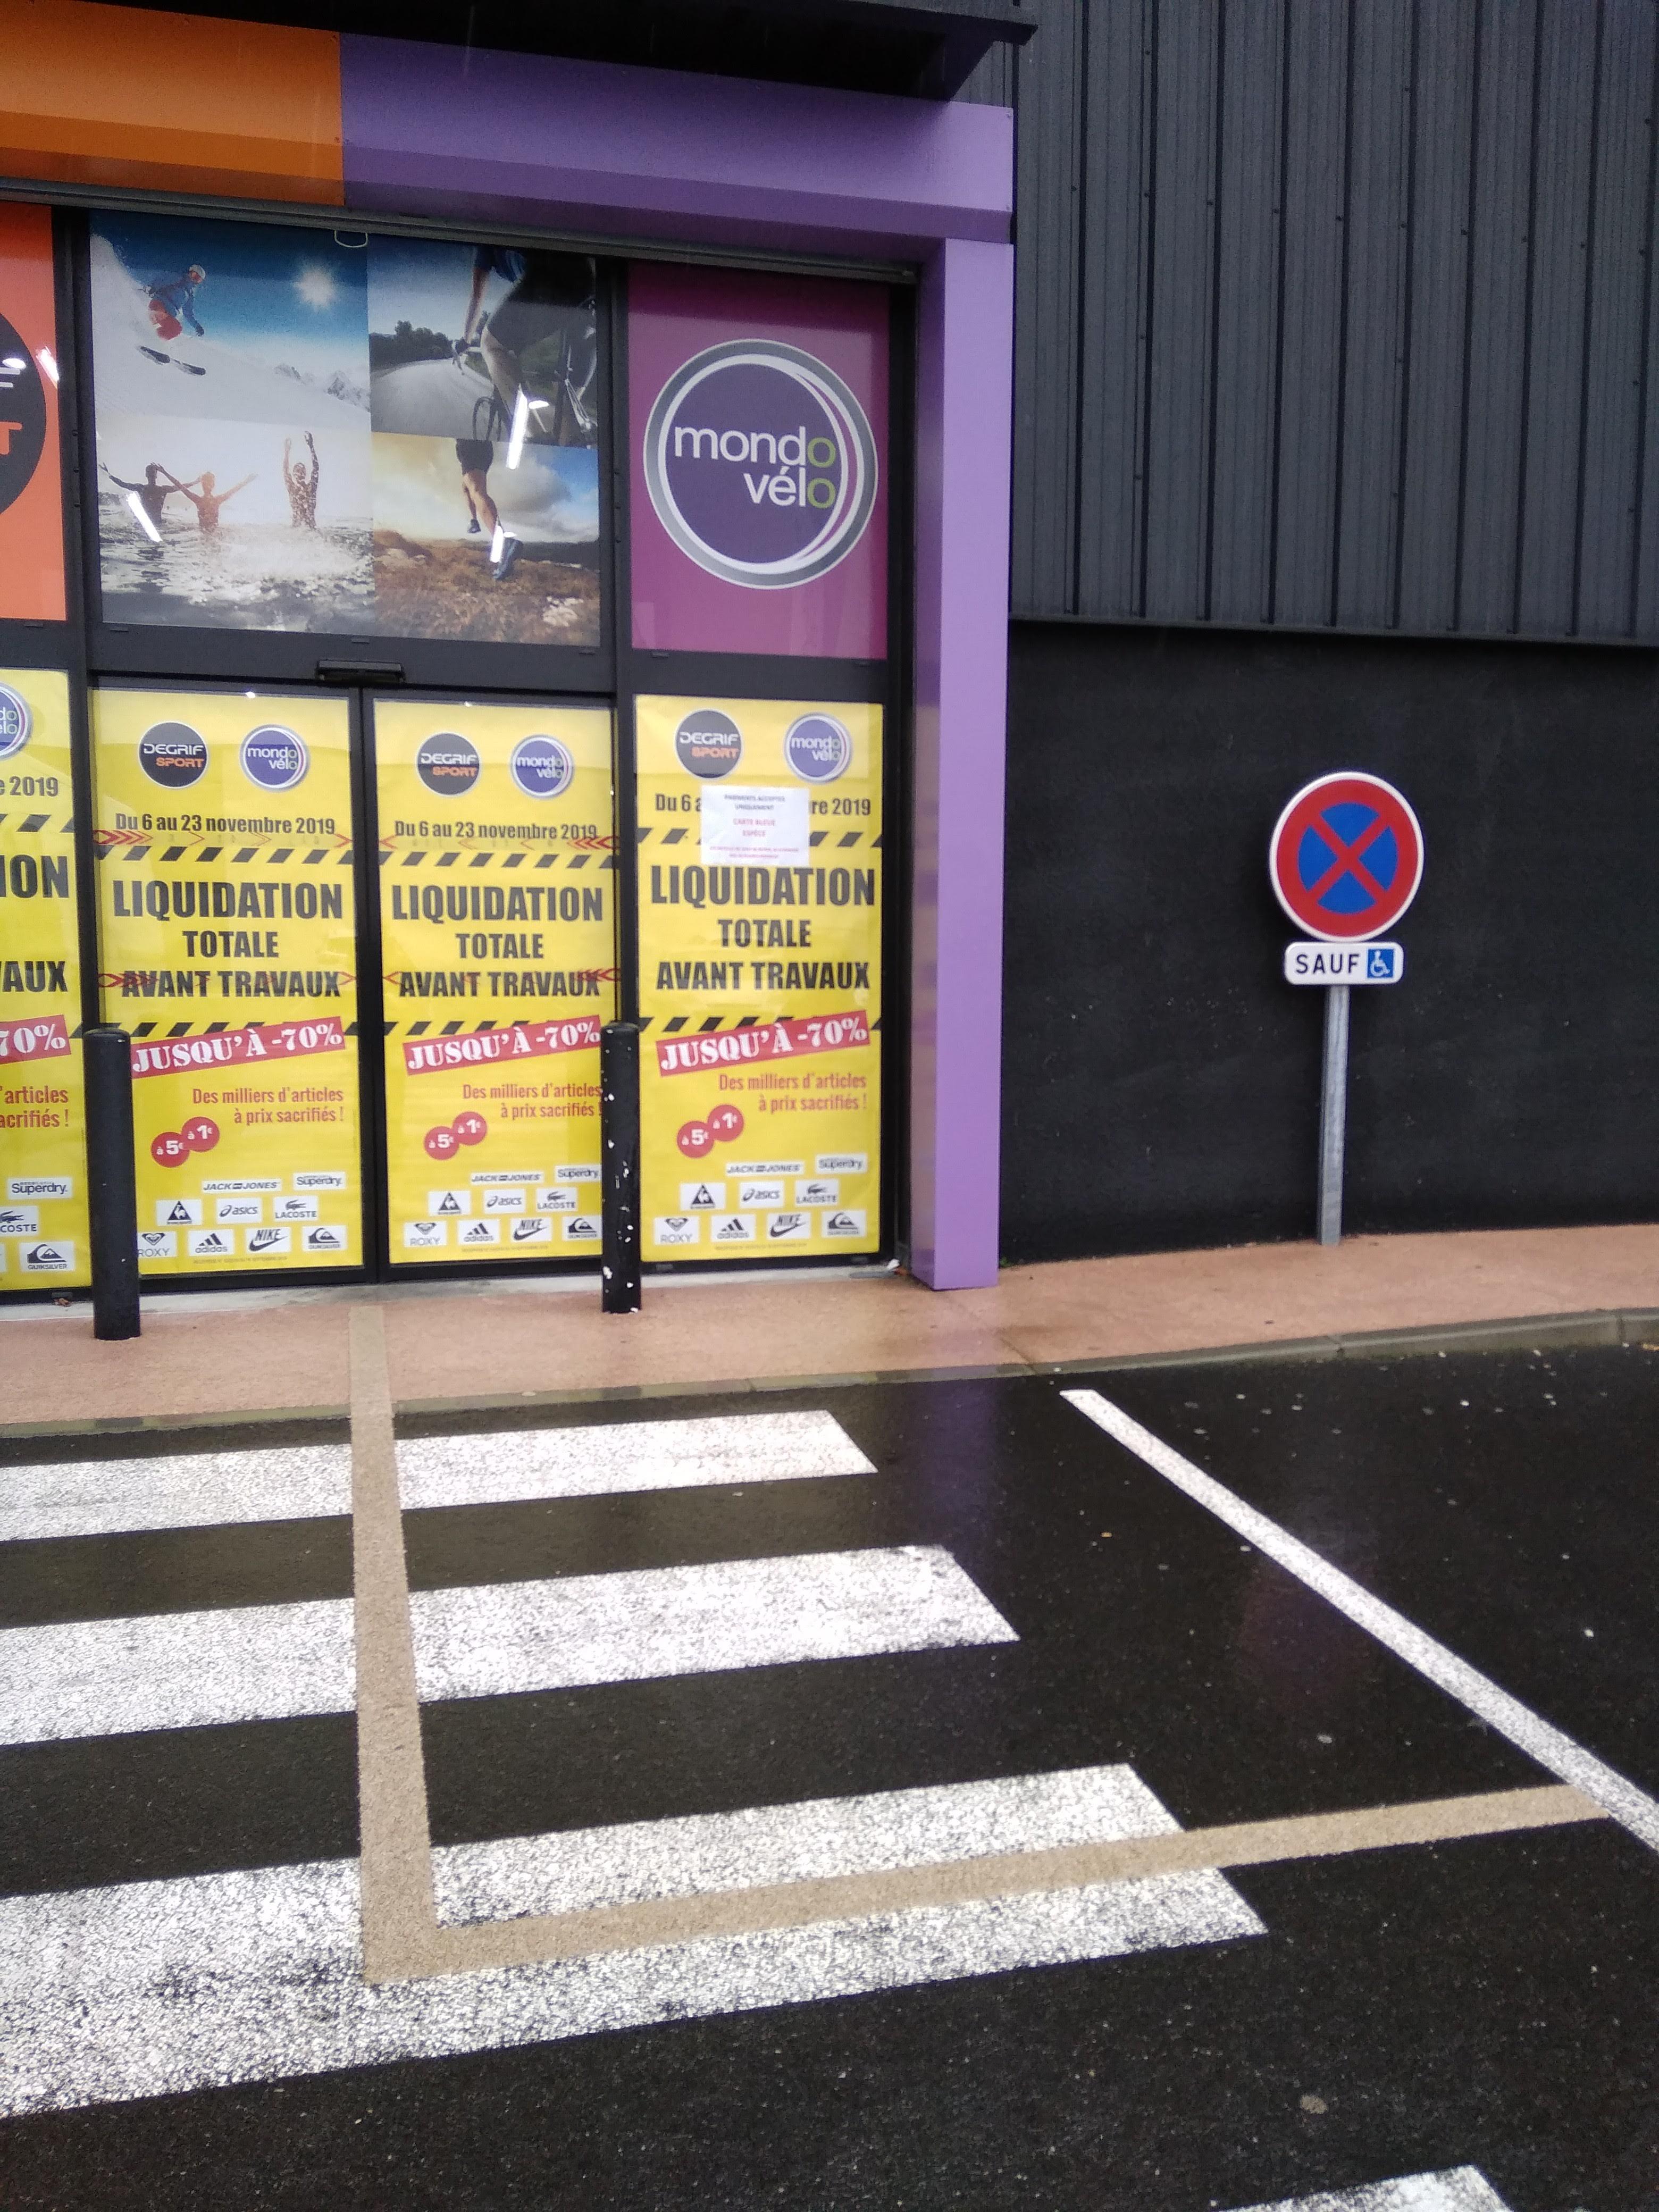 Jusqu'à 70% de réduction sur tout le magasin (liquidation totale avant travaux) - Degrif Sport MondoVelo Saint-Alban (31)